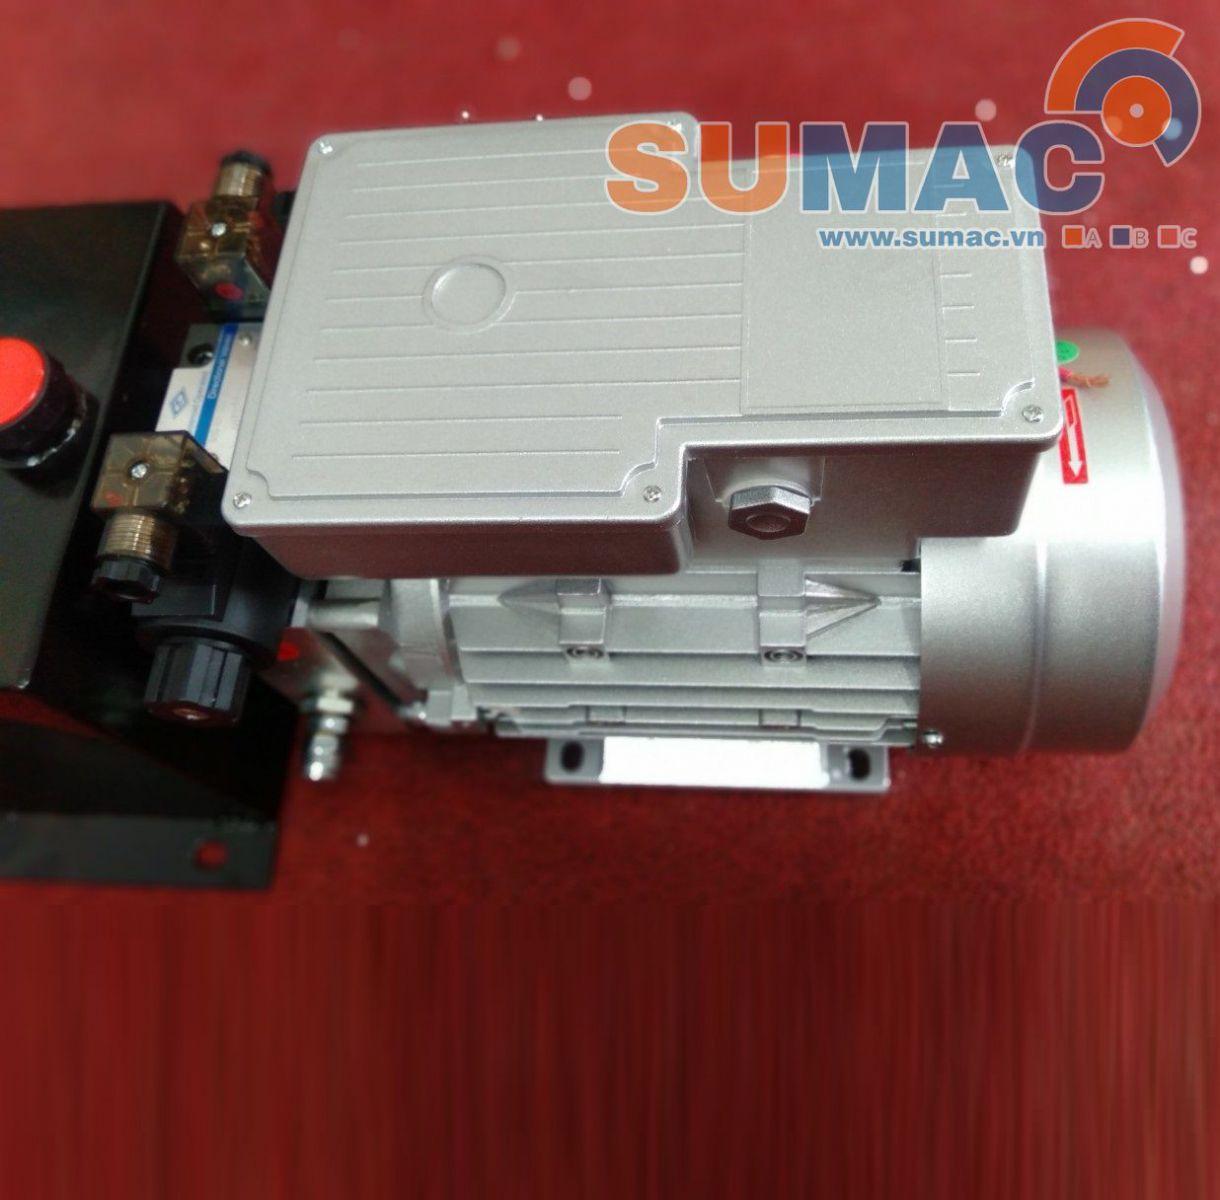 Bộ nguồn thủy lực mini 220V - bộ nguồn mini lắp bàn nâng hàng